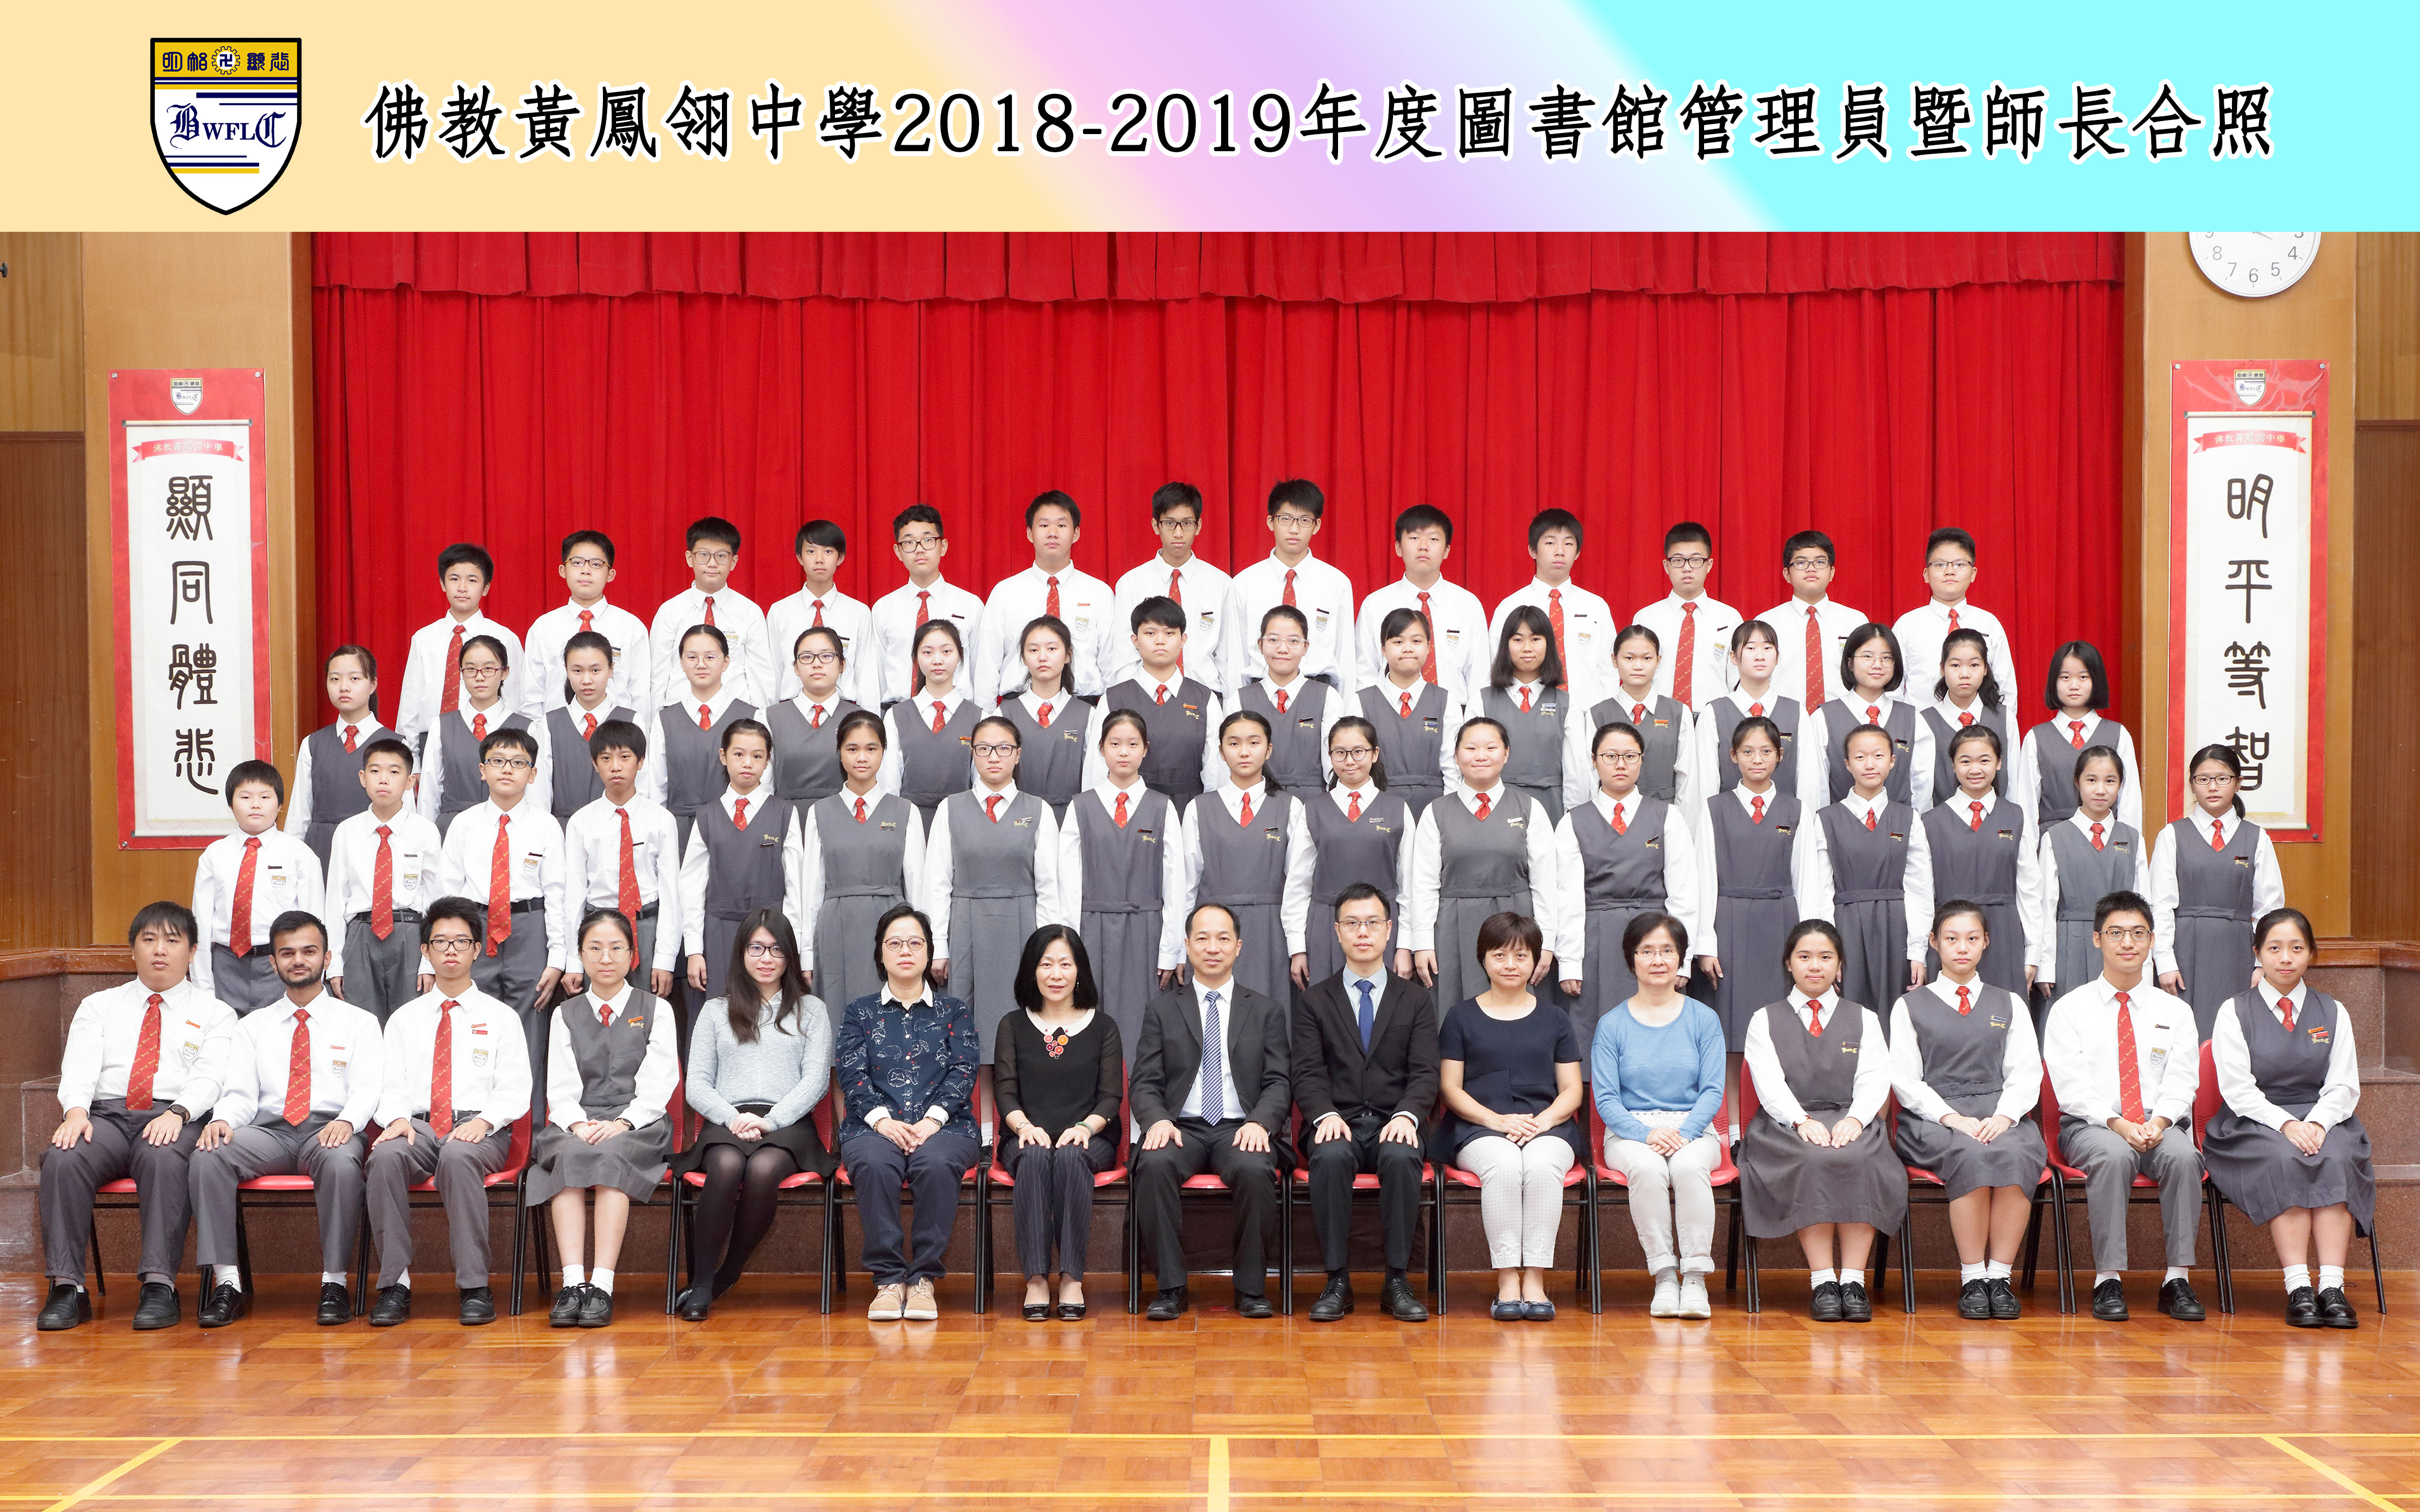 2018-2019年度 圖書館管理員